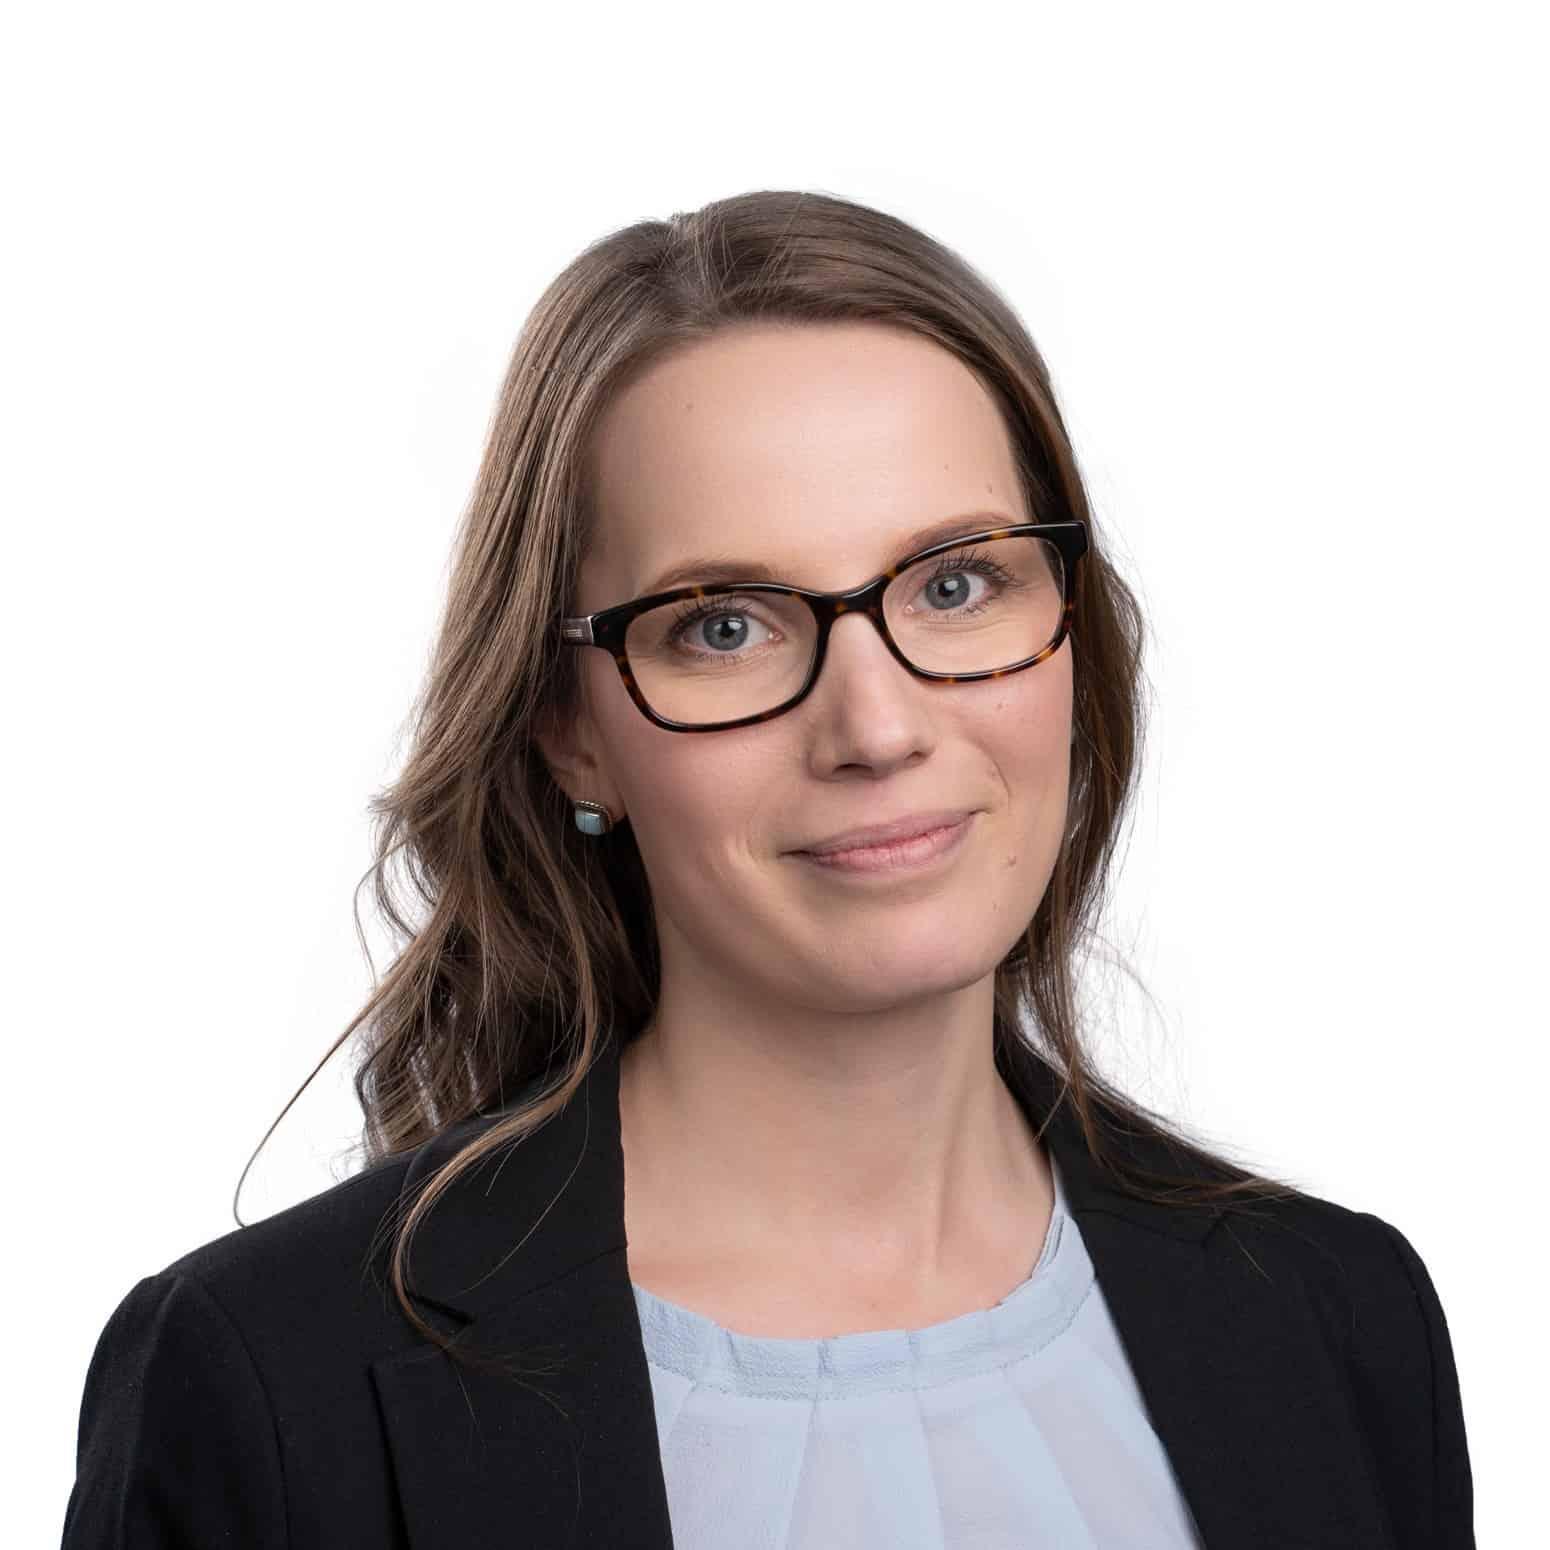 Emmi Siven Suomen Seniorihoiva Avoimet työpaikat senioreille ja eläkeläisille